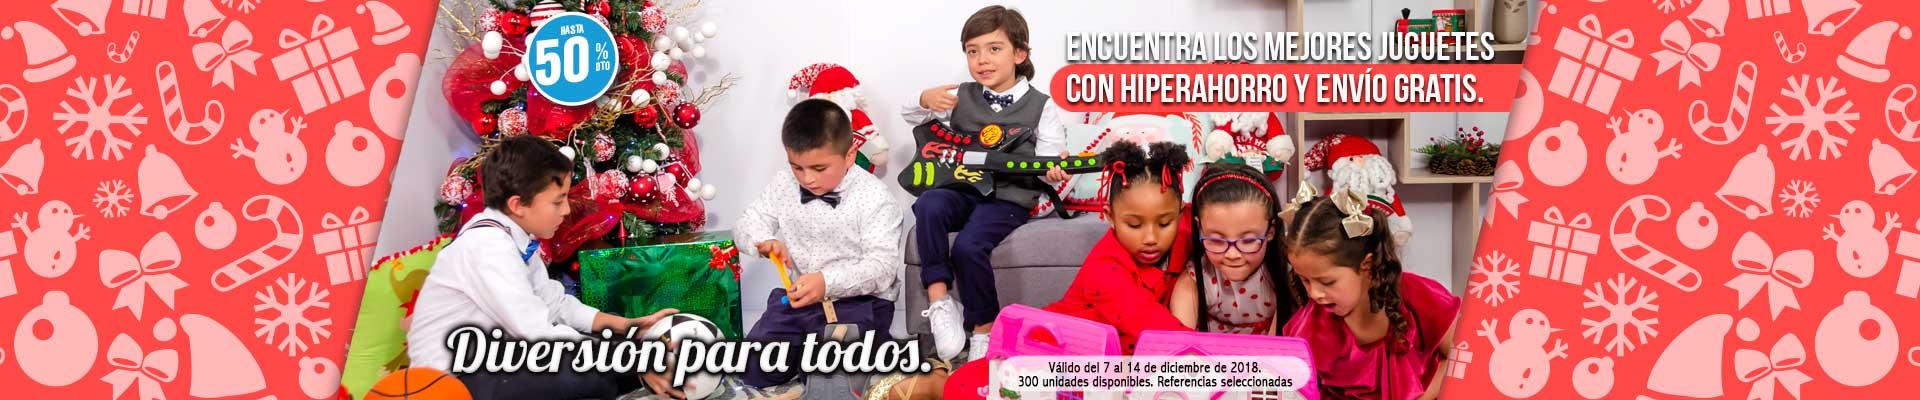 AK-PPAL-7-juguetes-PP---general-jugueteria-navidad-Dic6